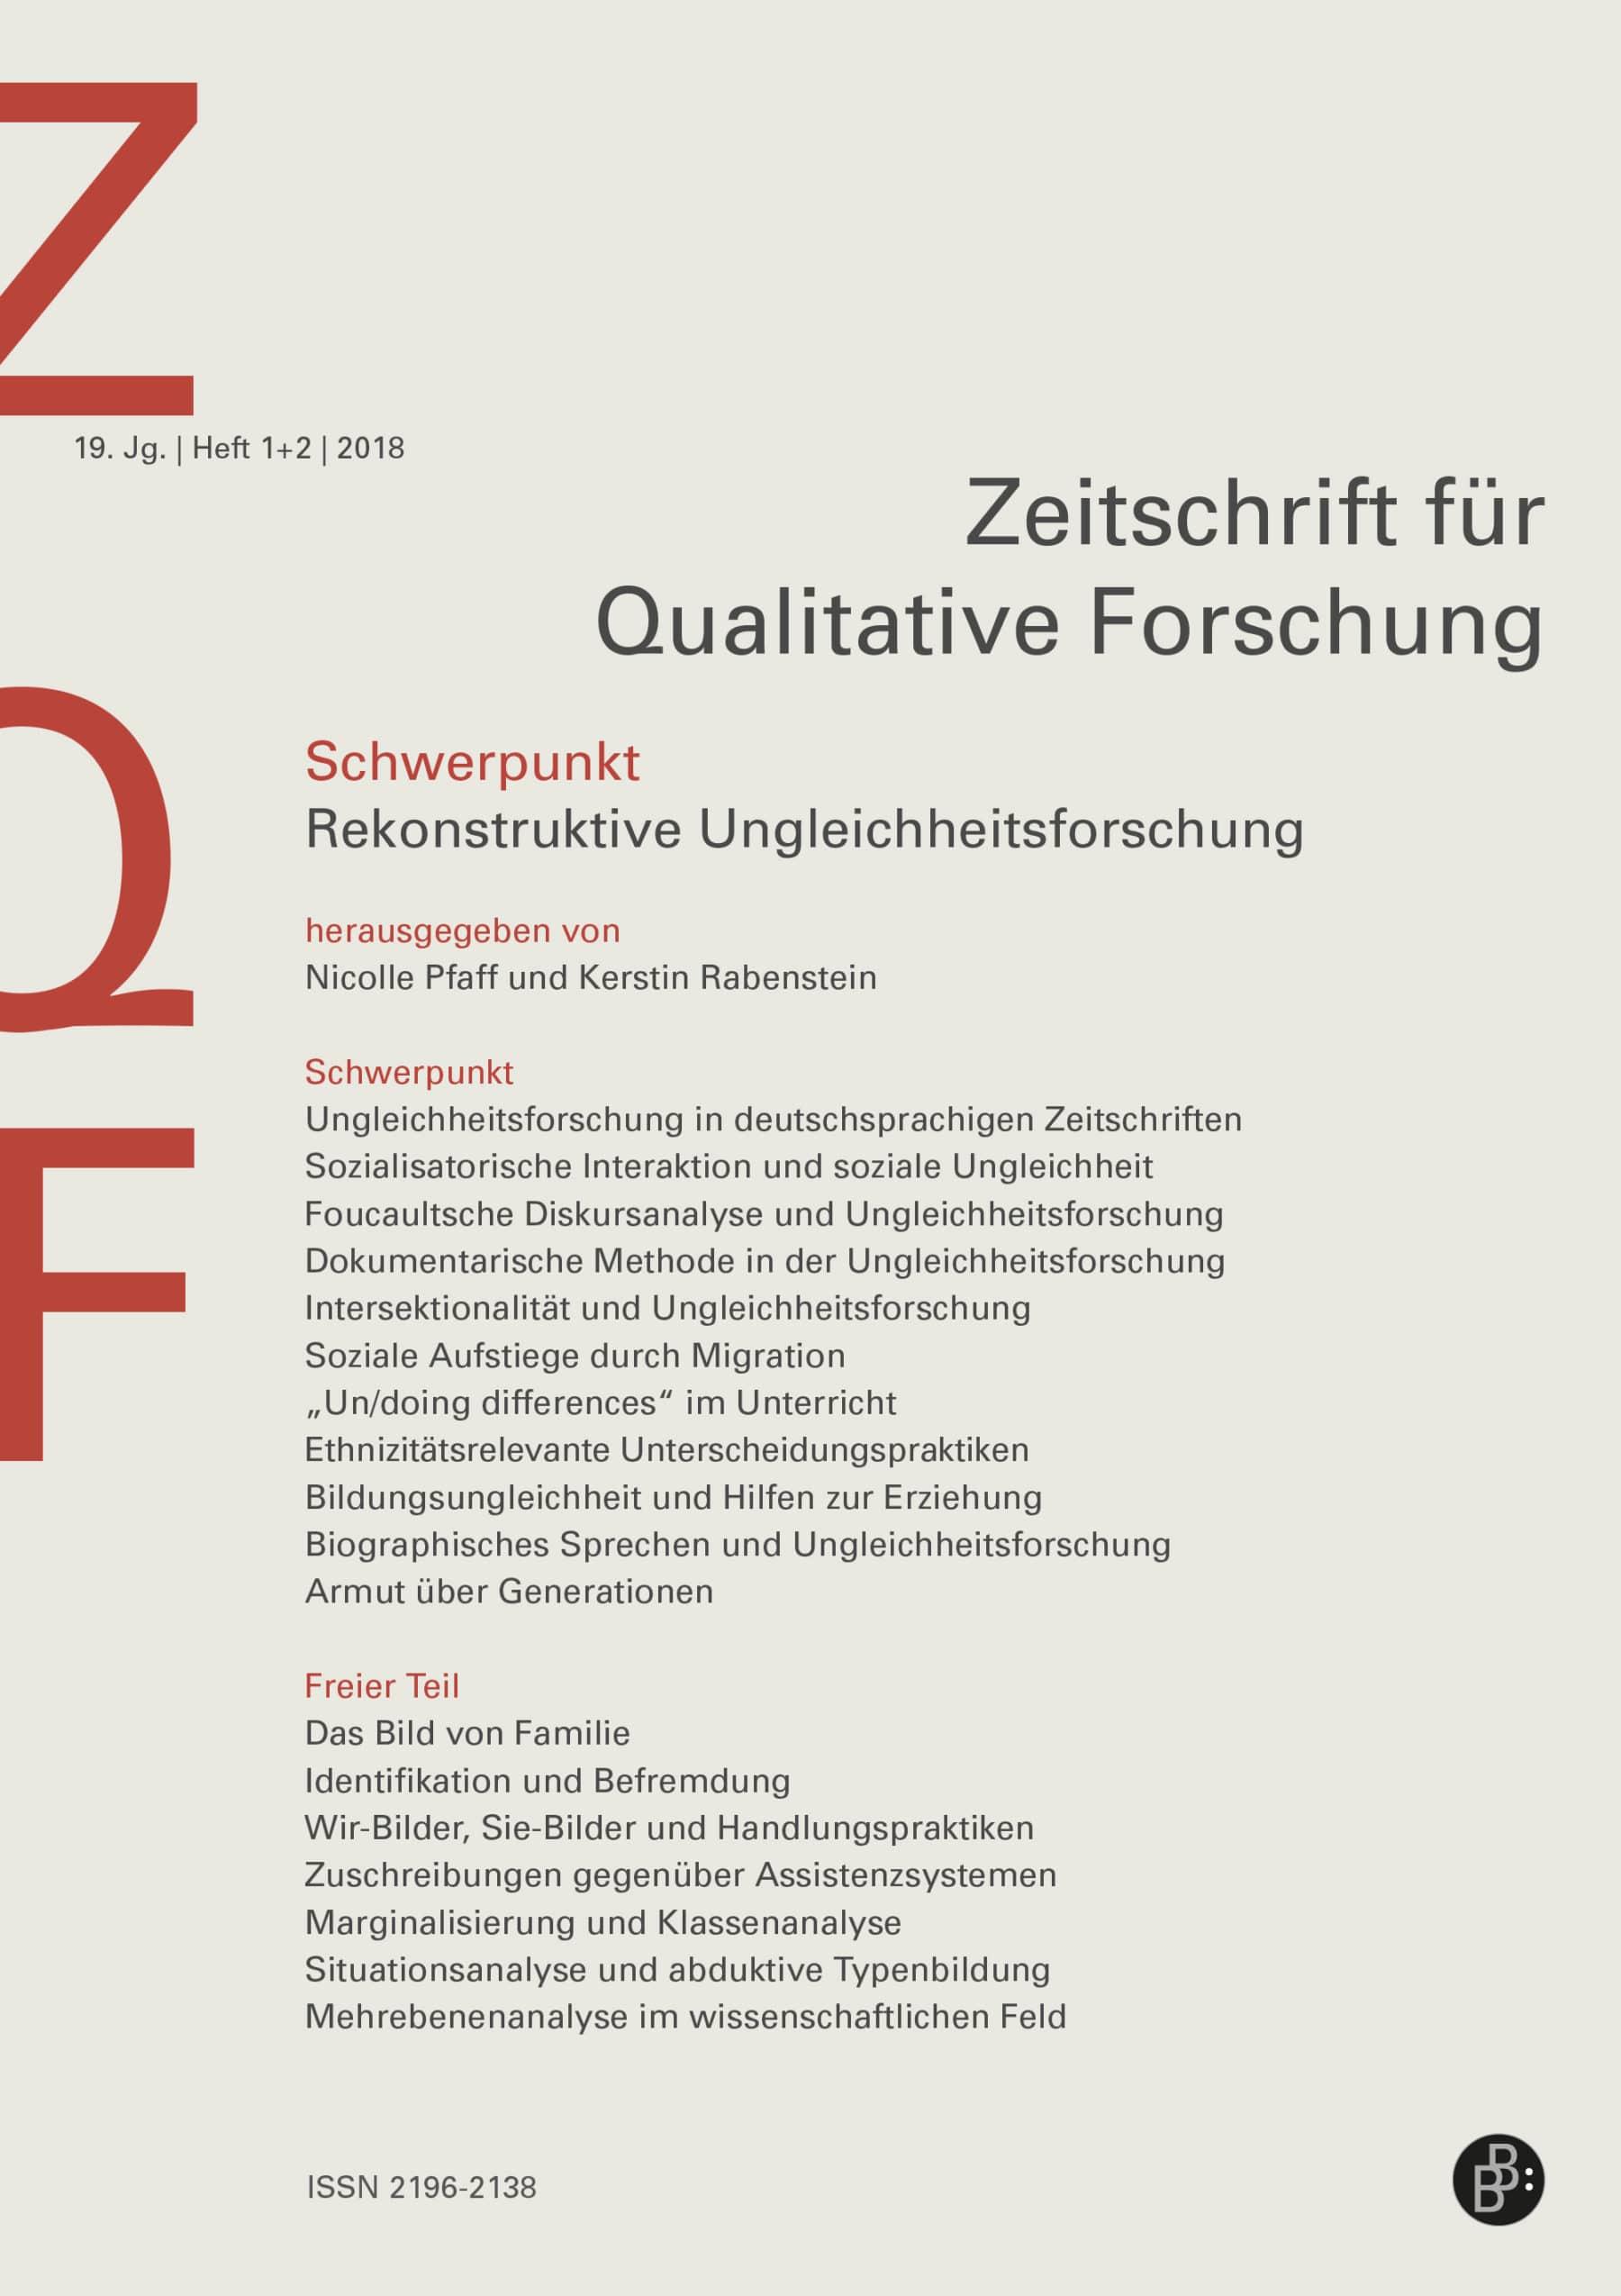 ZQF 1+2-2018 | Rekonstruktive Ungleichheitsforschung